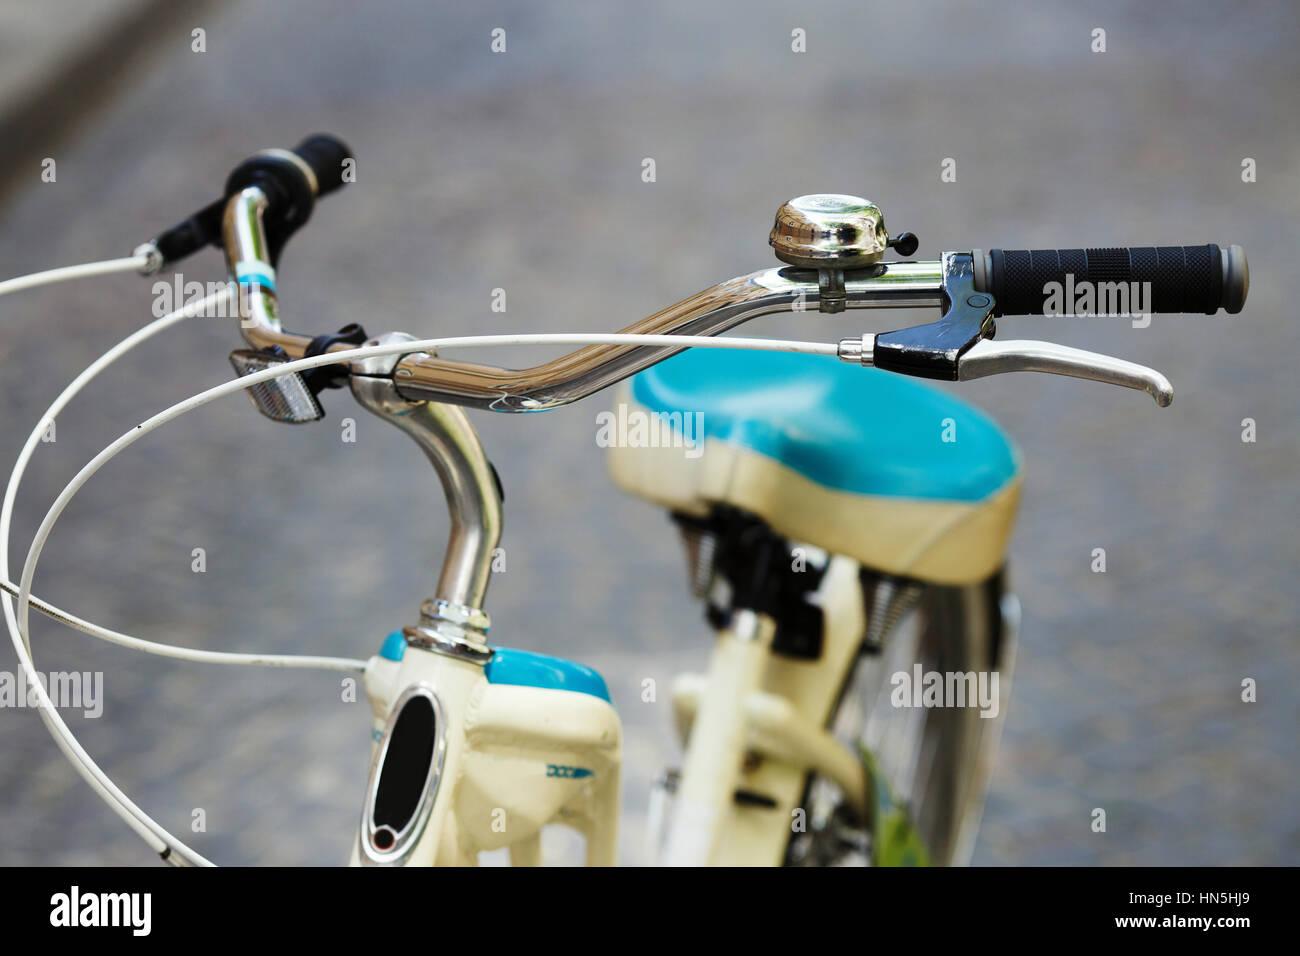 La bicicletta è in piedi sulla strada della vecchia città europea Immagini Stock